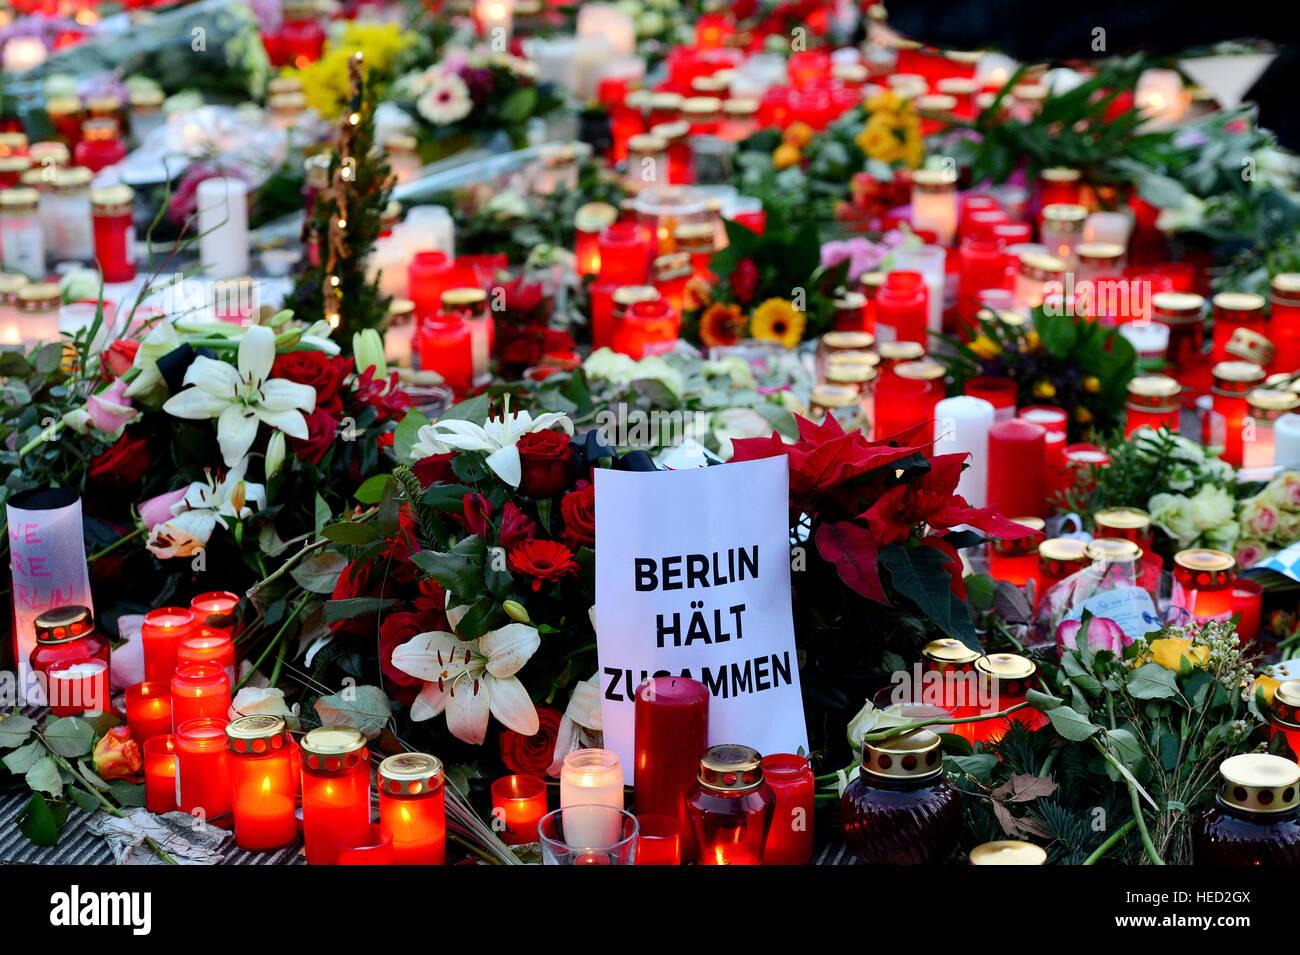 Berlin, Deutschland. 21. Dezember 2016. Passanten haben Kerzen und Blumen auf dem Gelände des Angriffs in der Stockbild